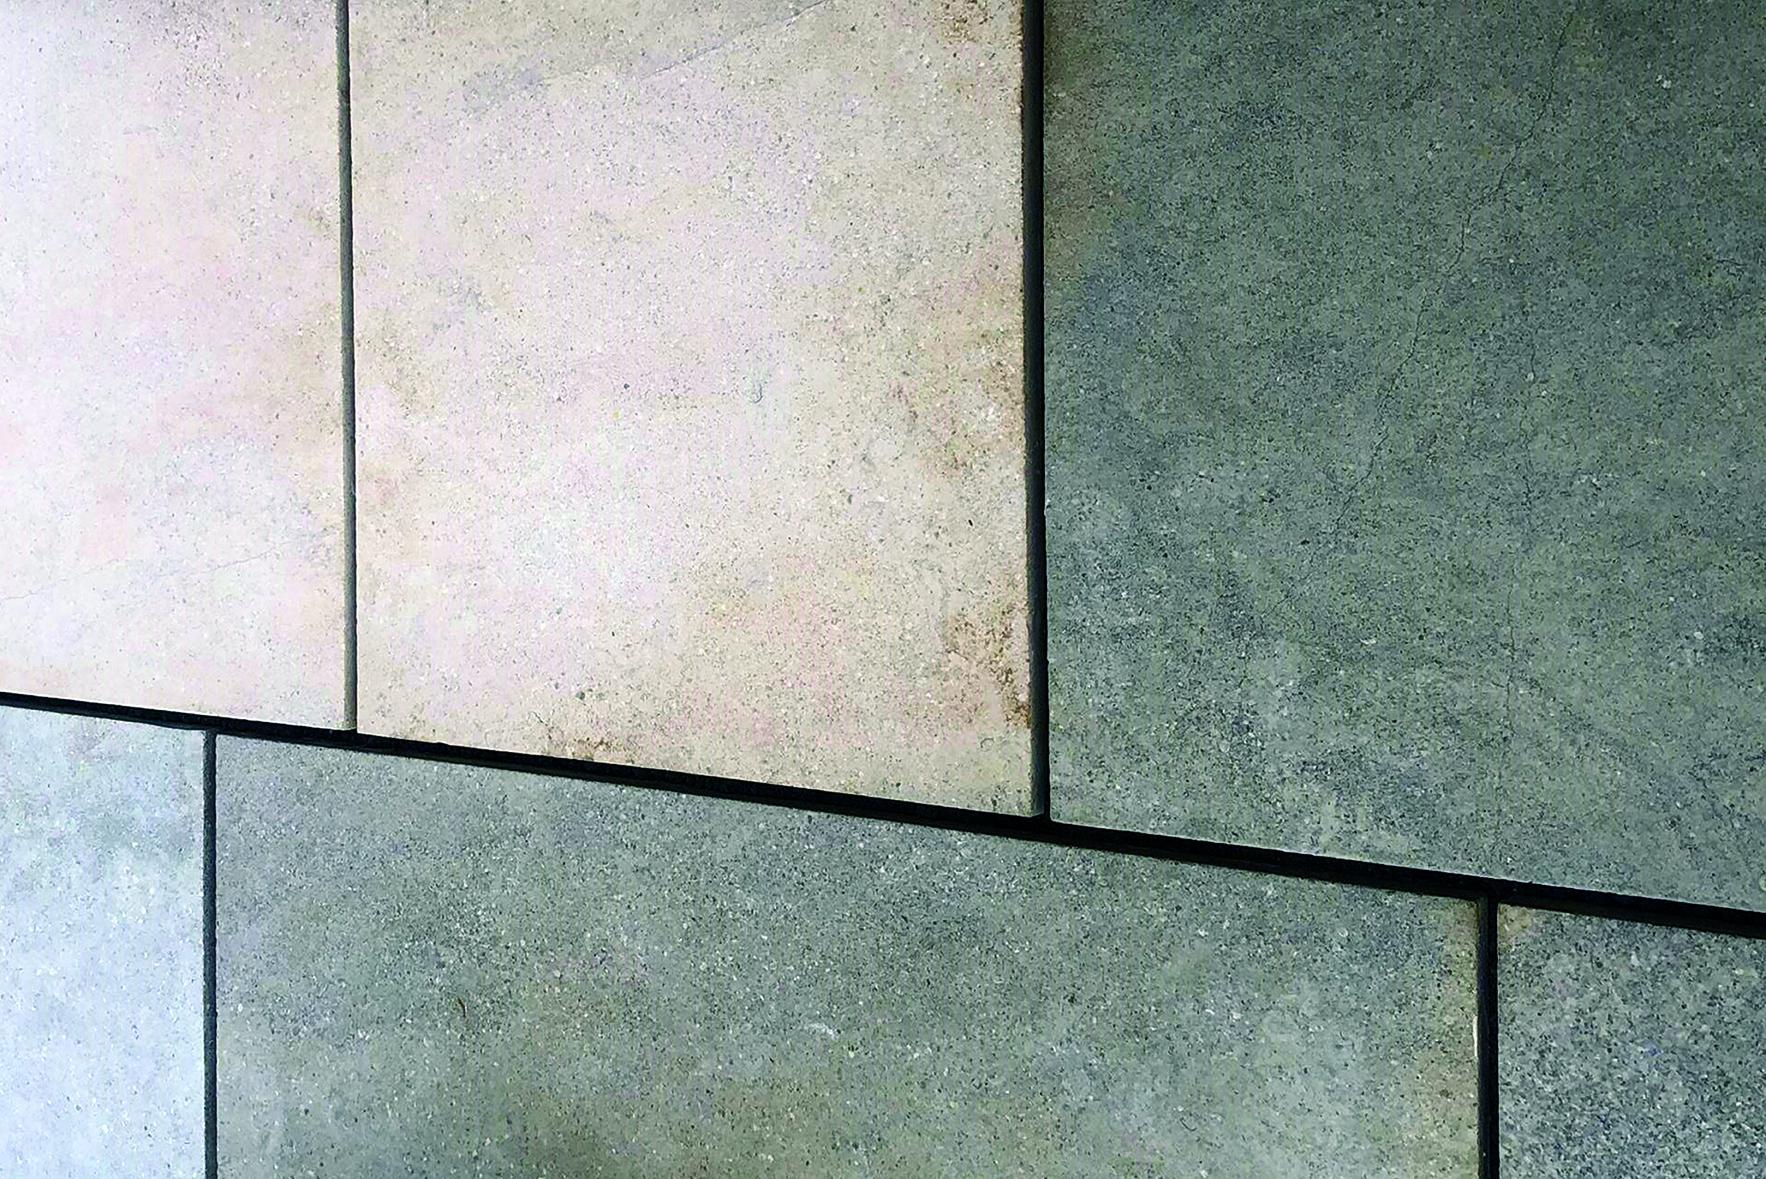 tan and grey stone tile closeup